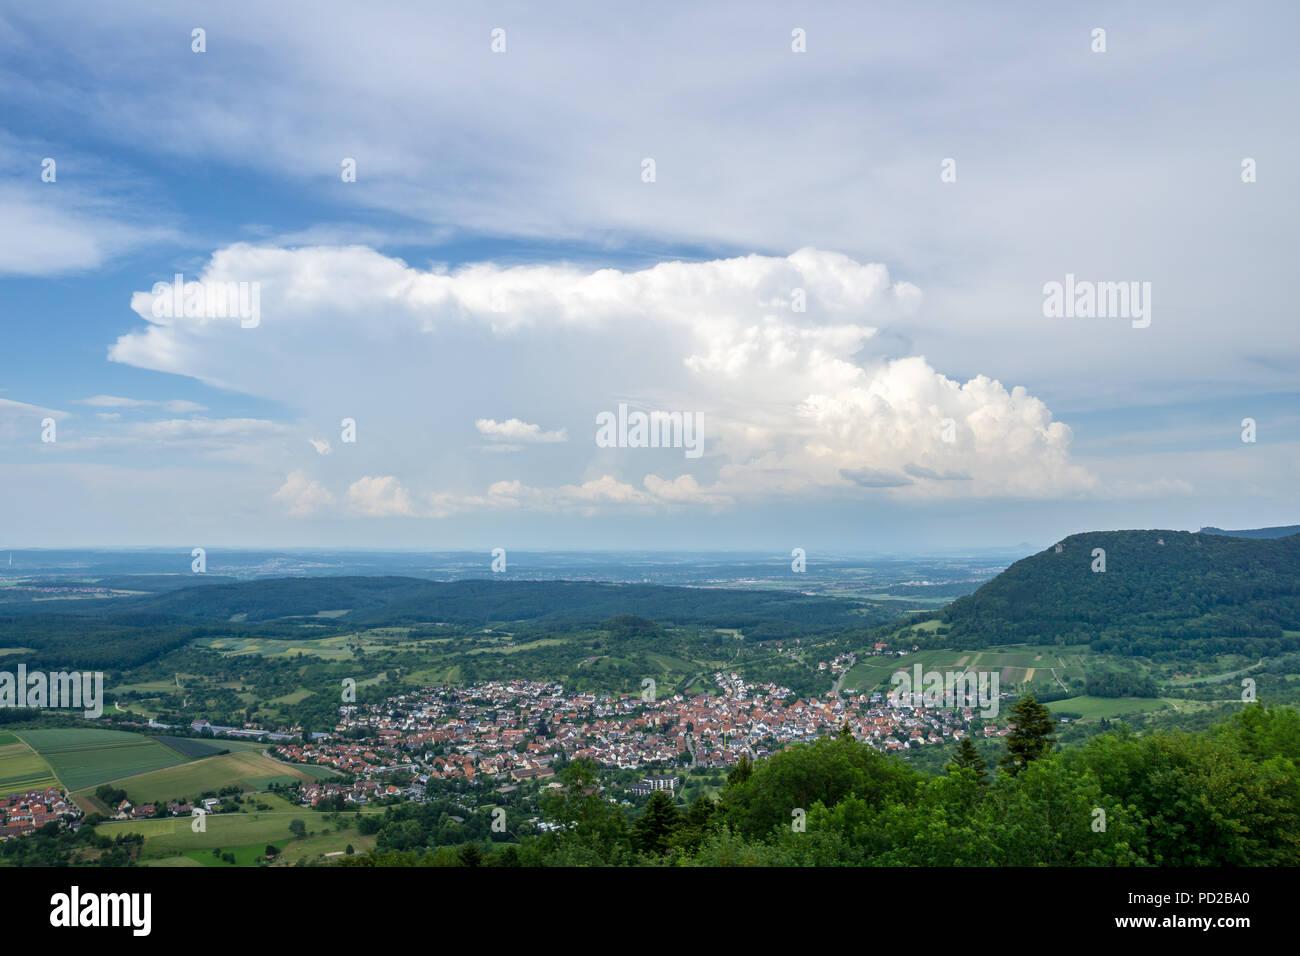 Deutschland, Blick auf schwäbische Natur Landschaft und Dorf Beuren von oben Stockbild